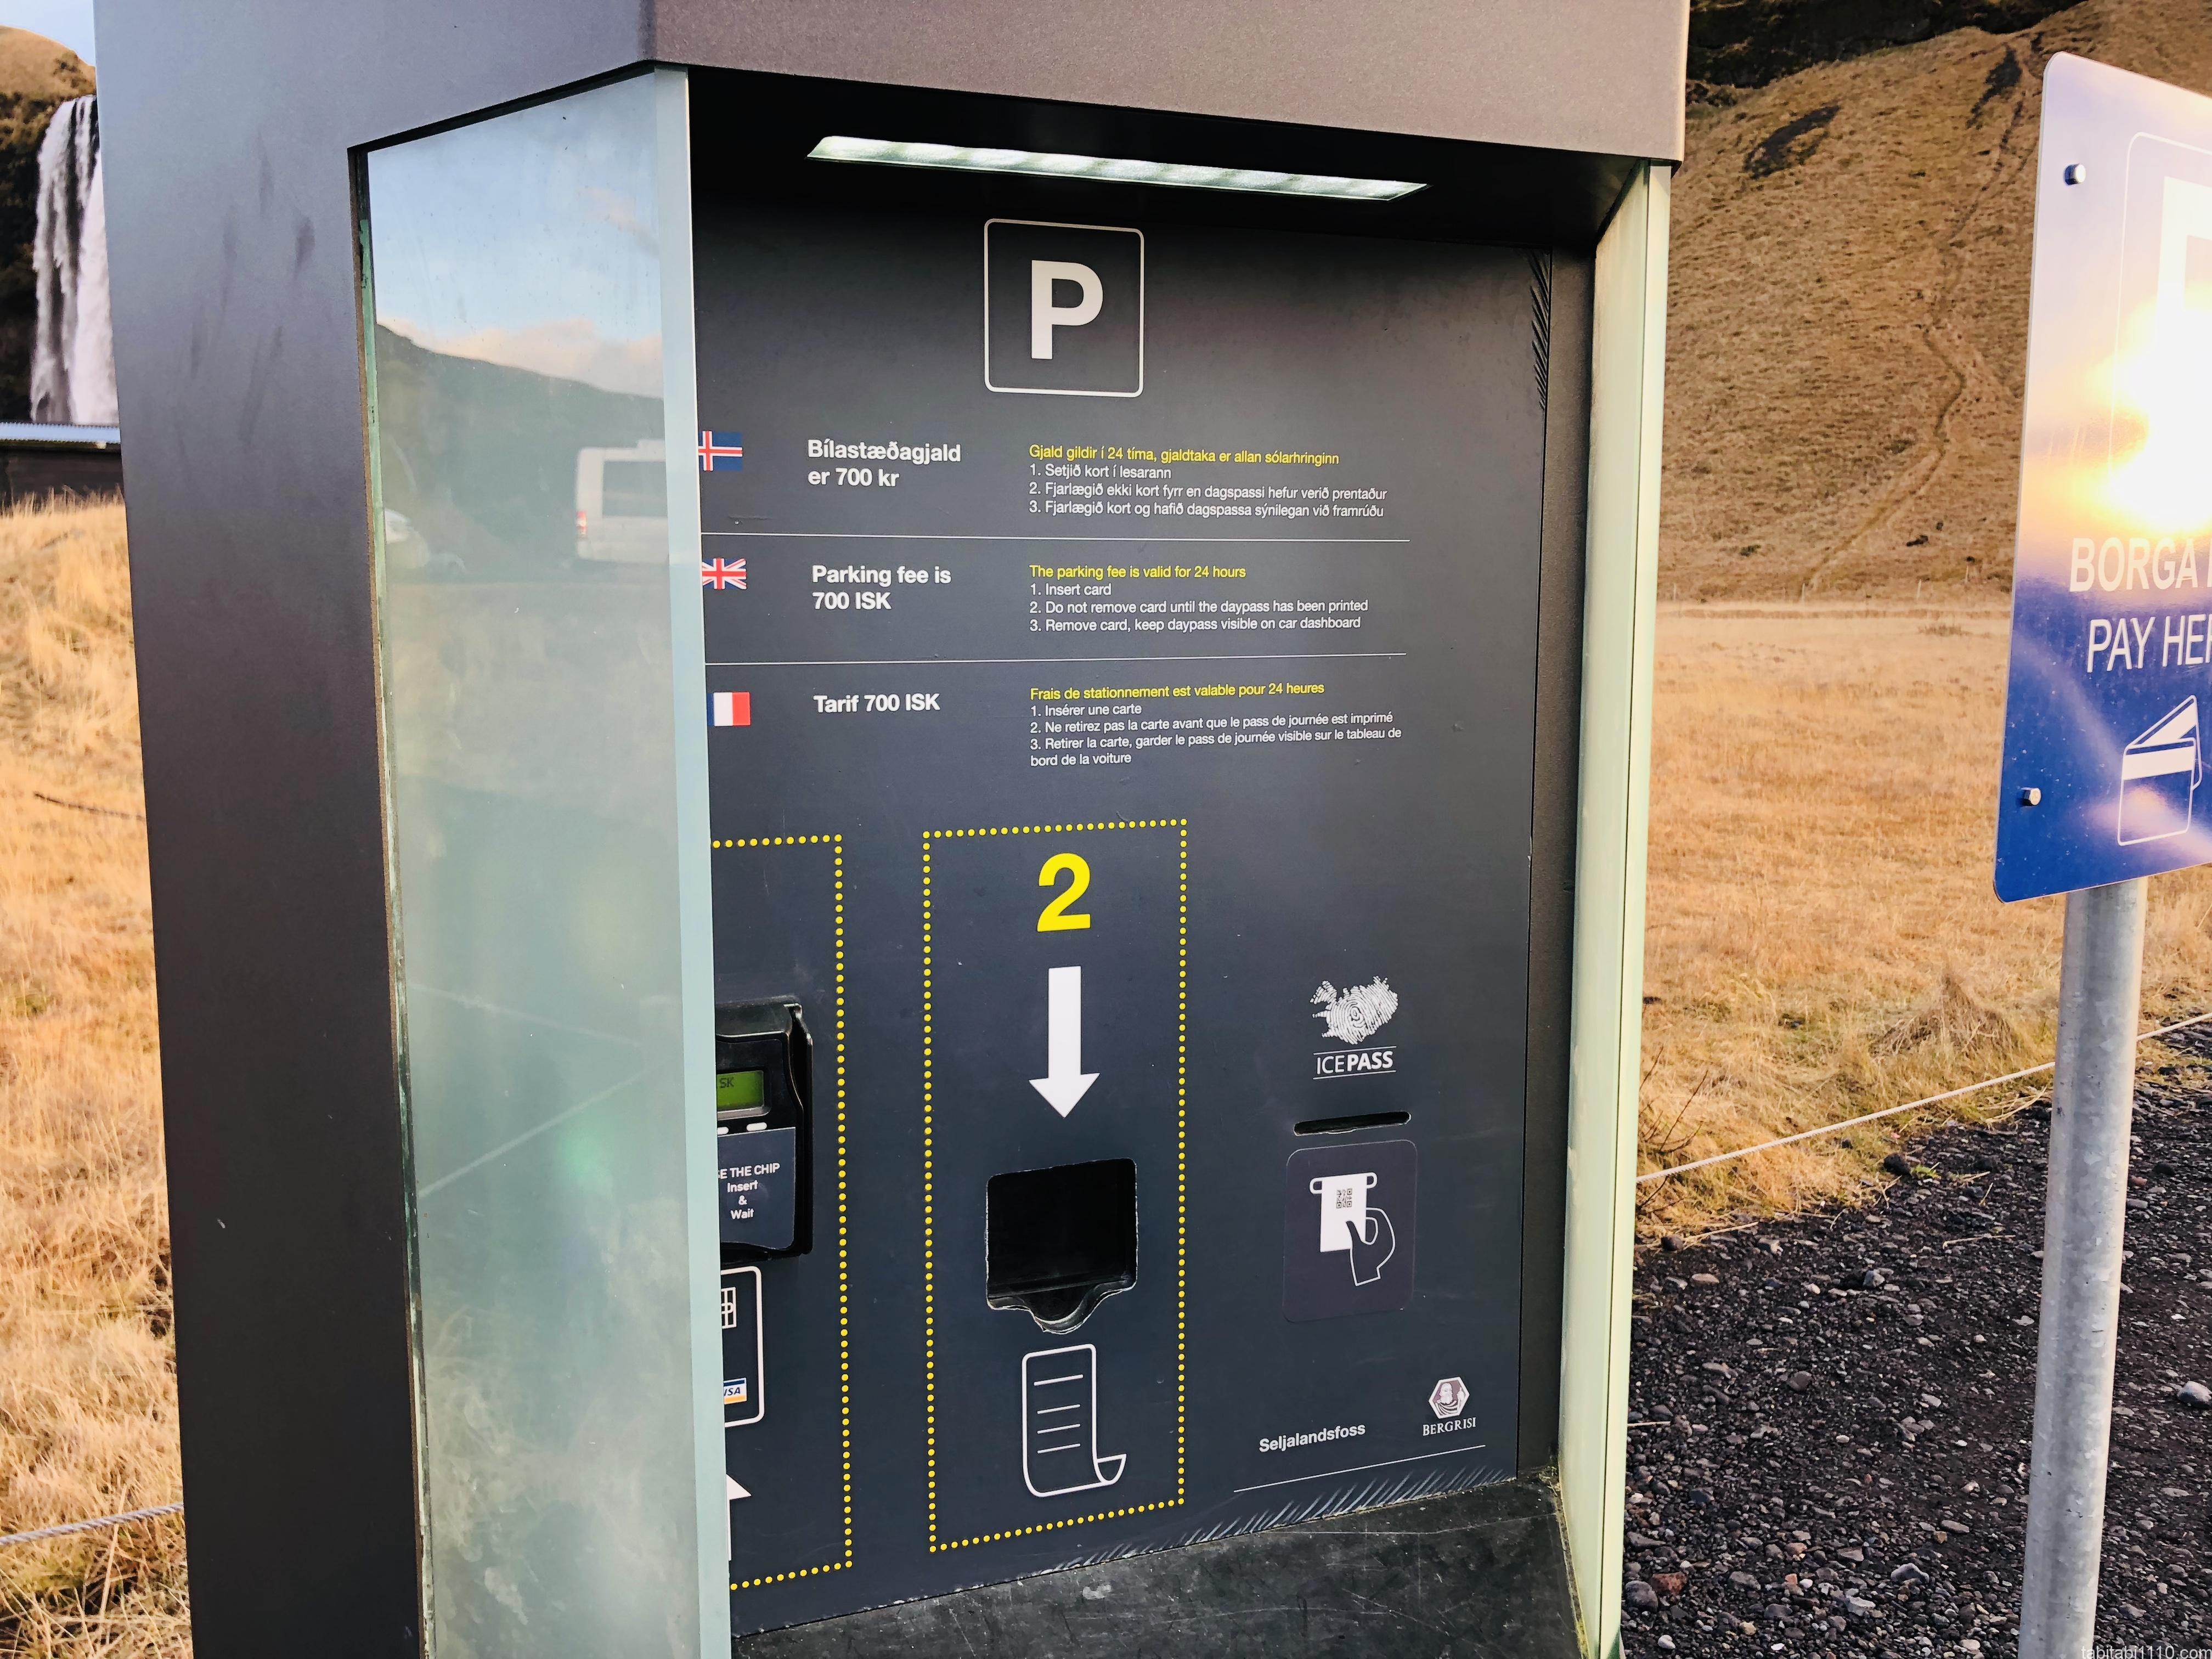 セリャラントスフォス (Seljalandsfoss)|駐車料金